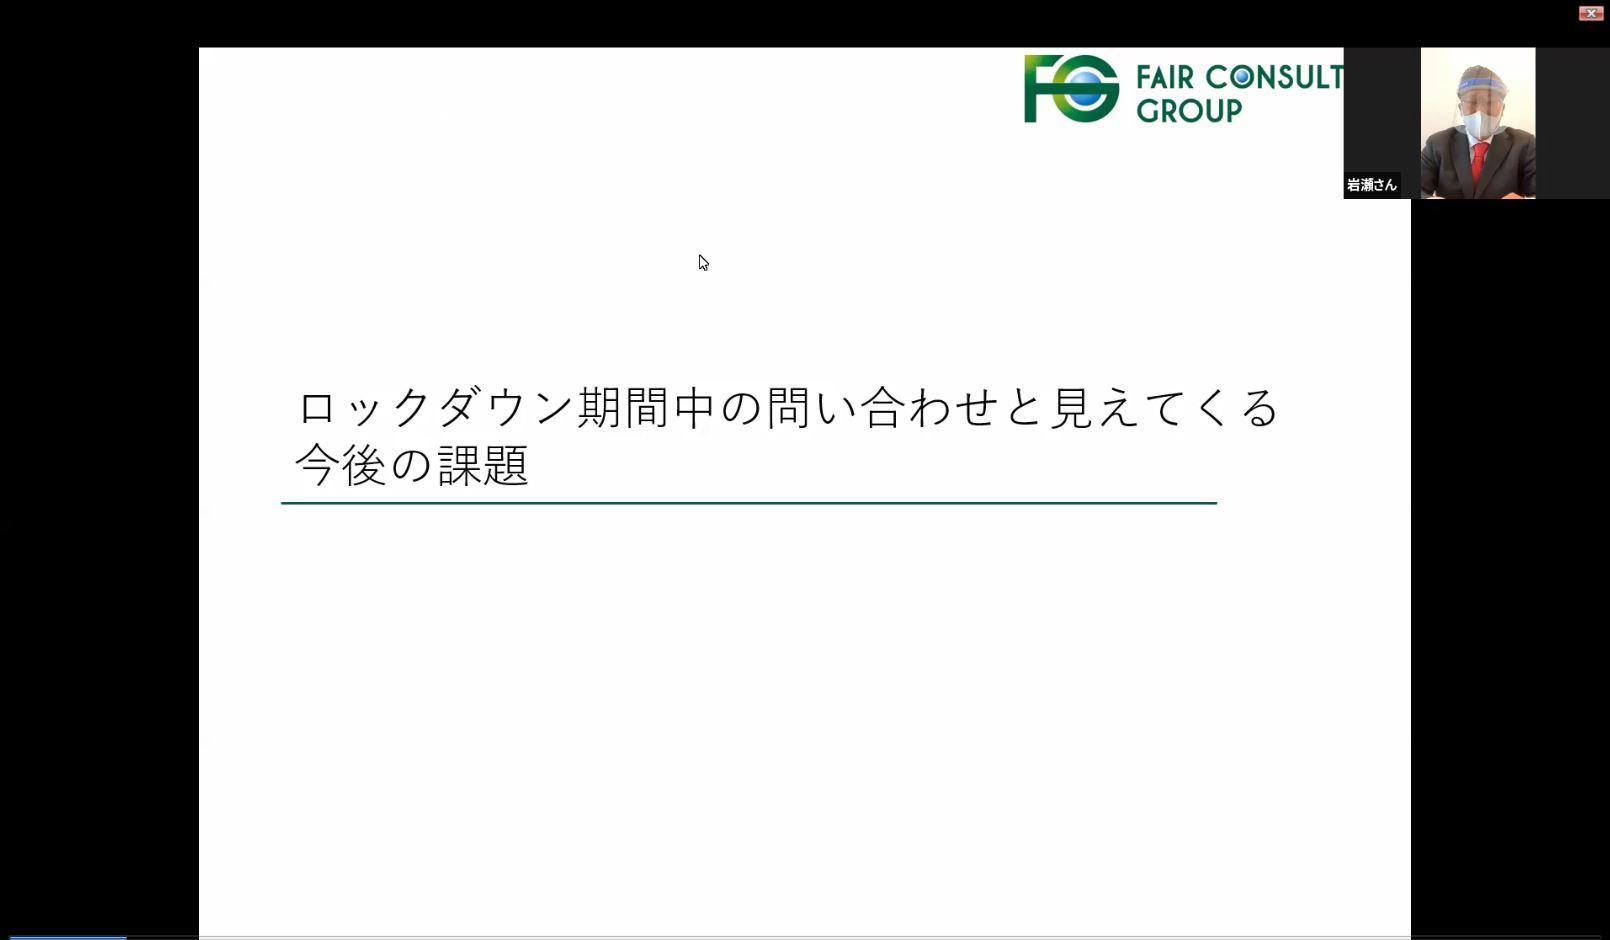 フェースシールドで登場・フェアコンサルティングインド岩瀬氏